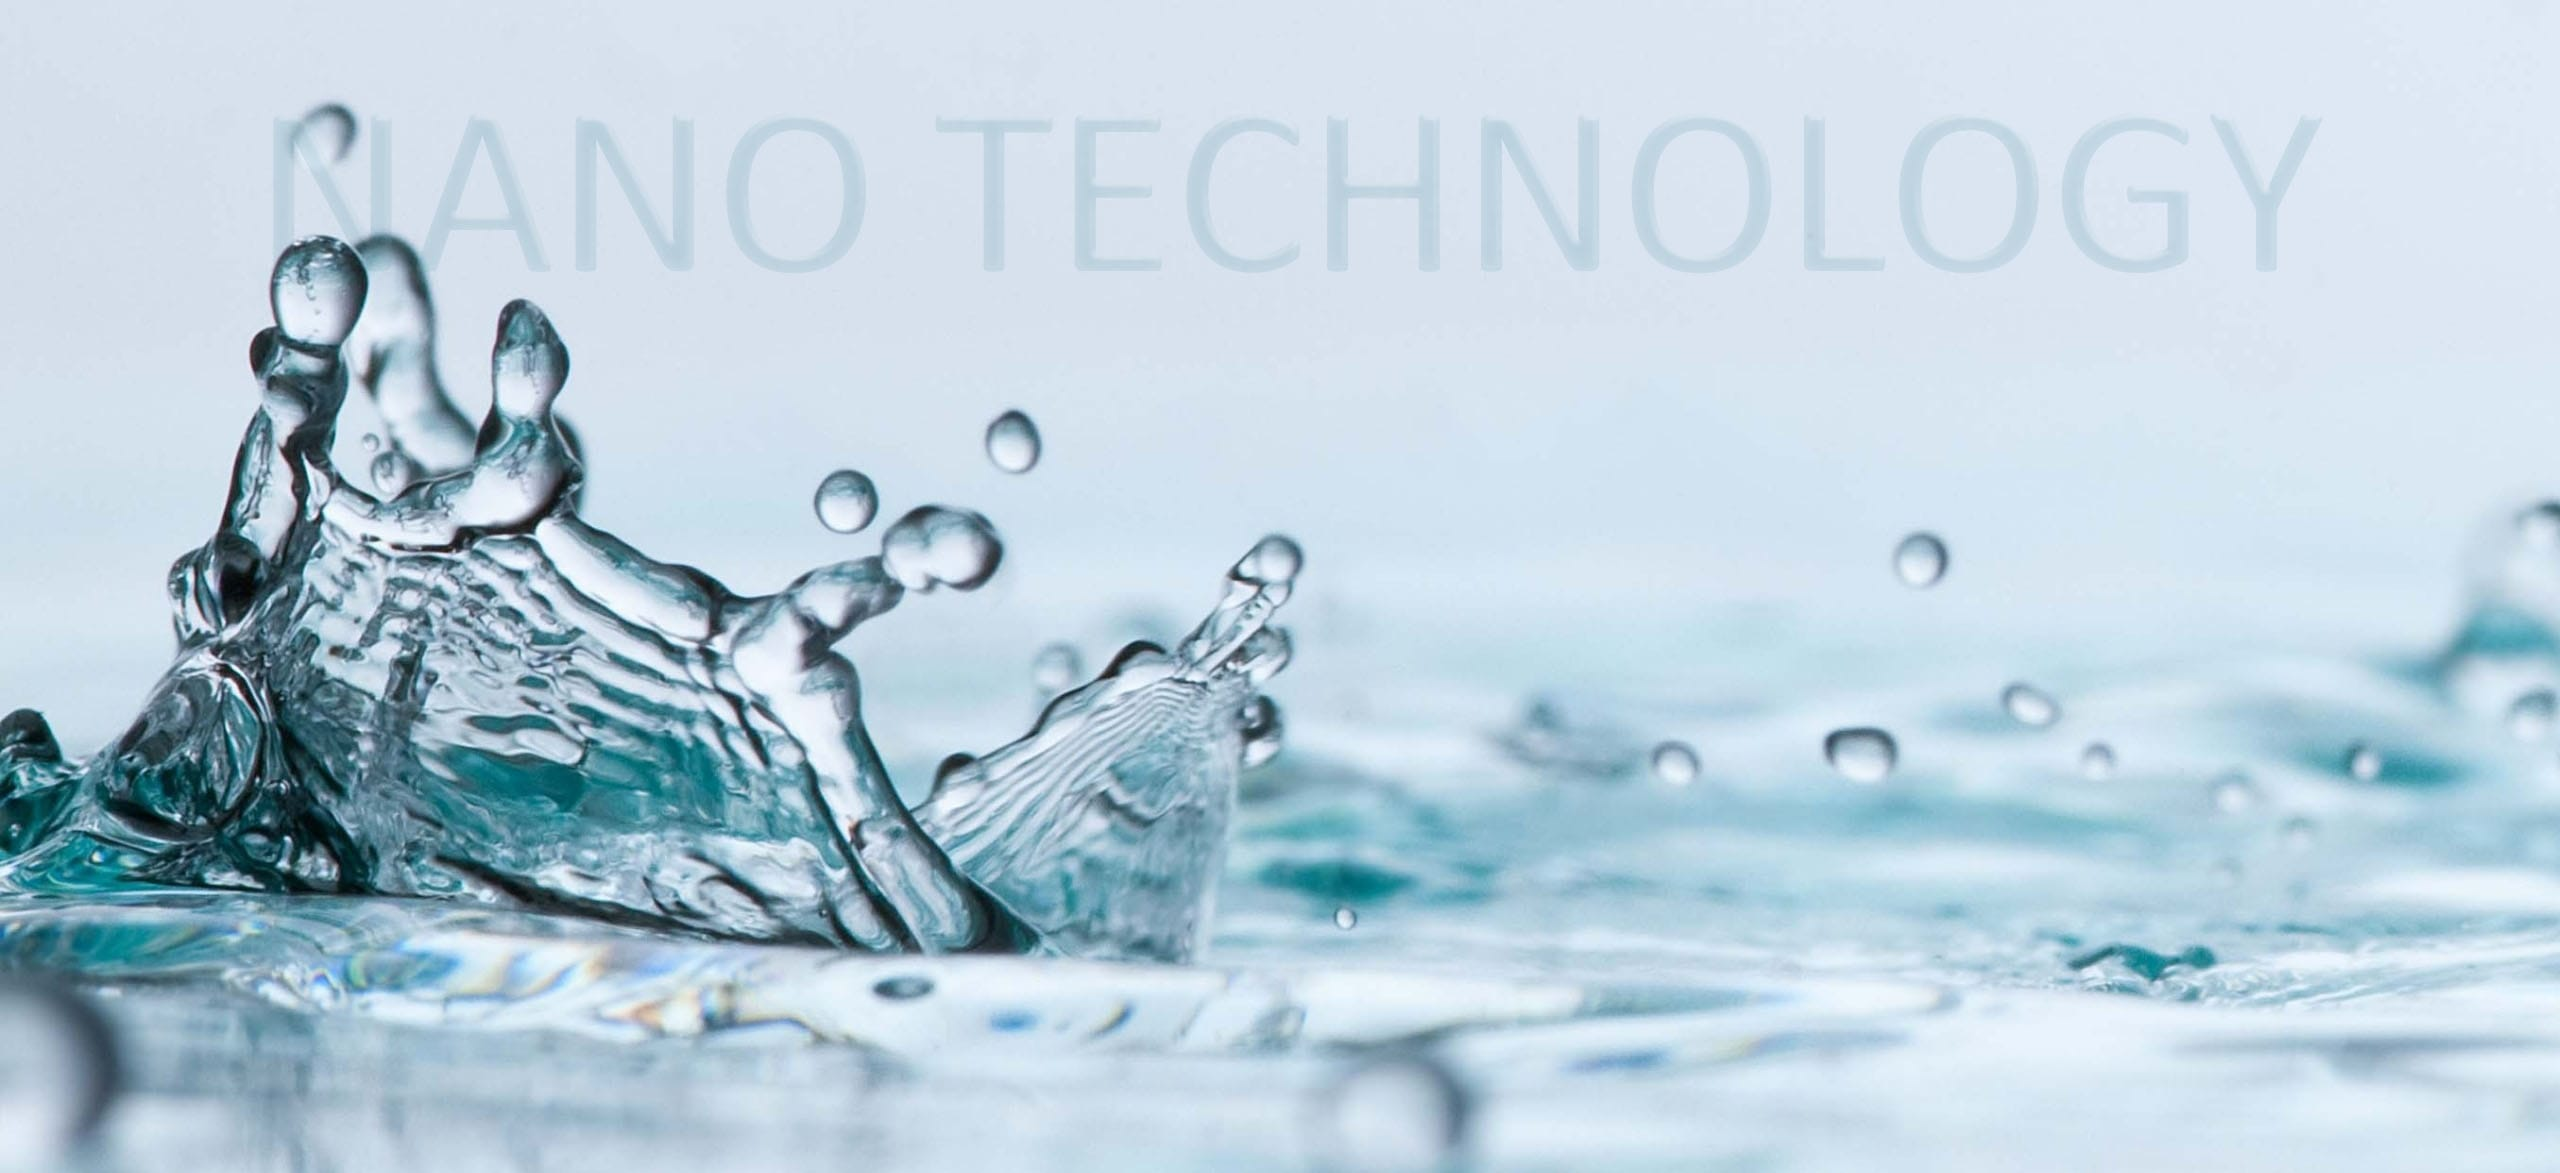 Hà Nội sẽ áp dụng công nghệ Nano của Đức để có nước sạch như châu Âu